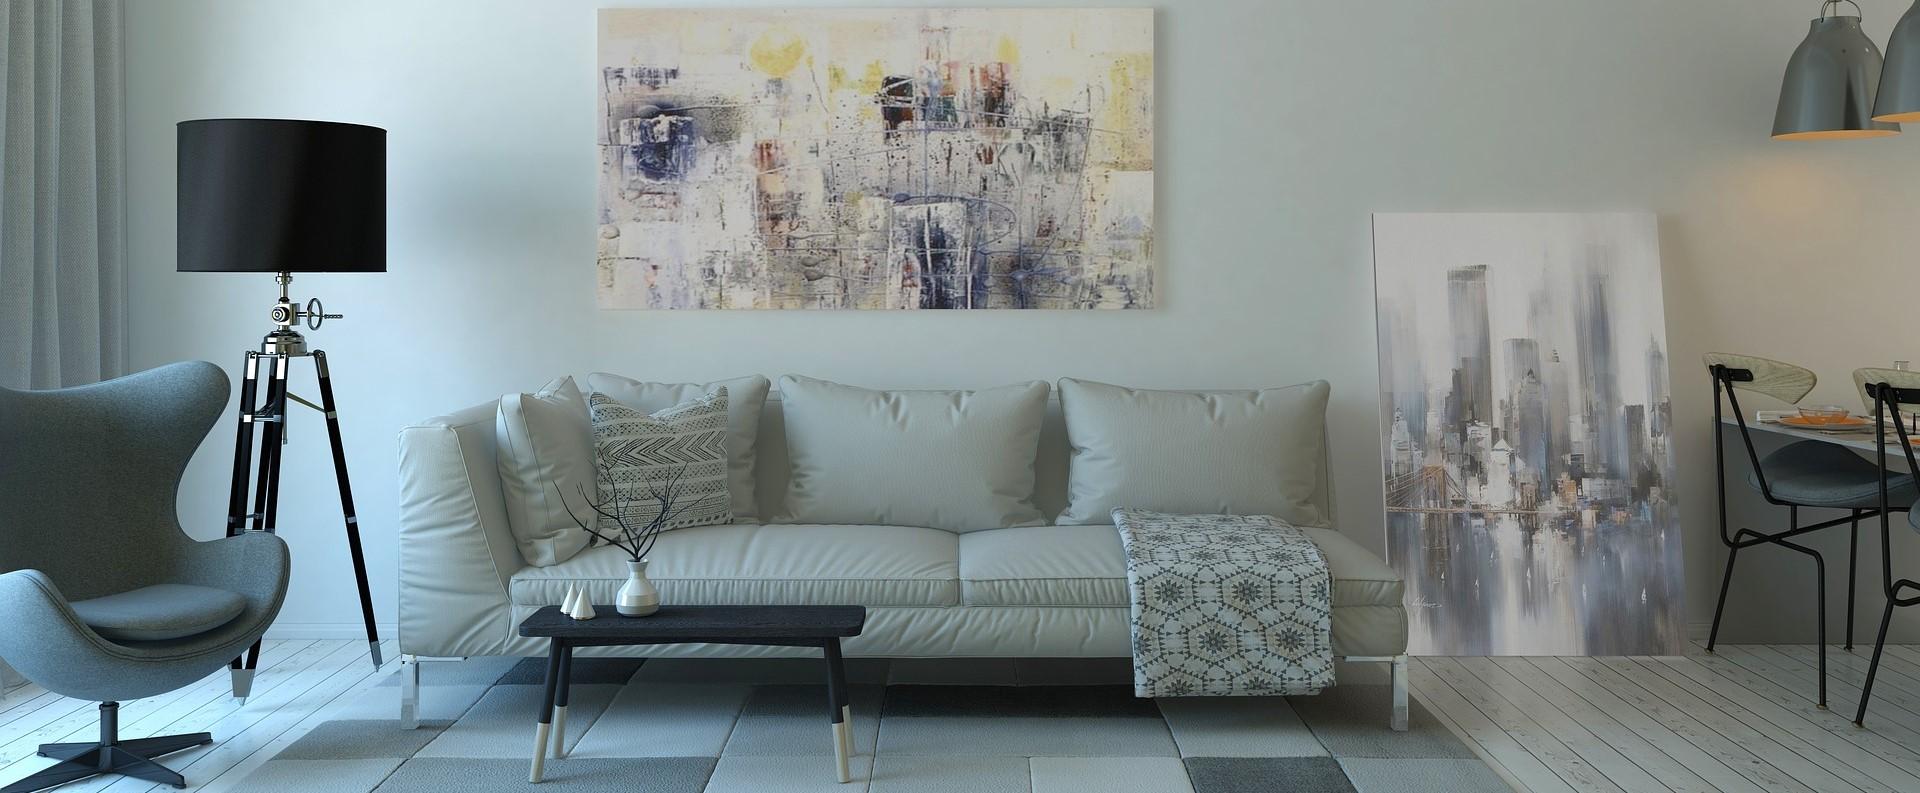 Idee per arredare casa con i quadri antichi e moderni - Idee per ingressi casa ...